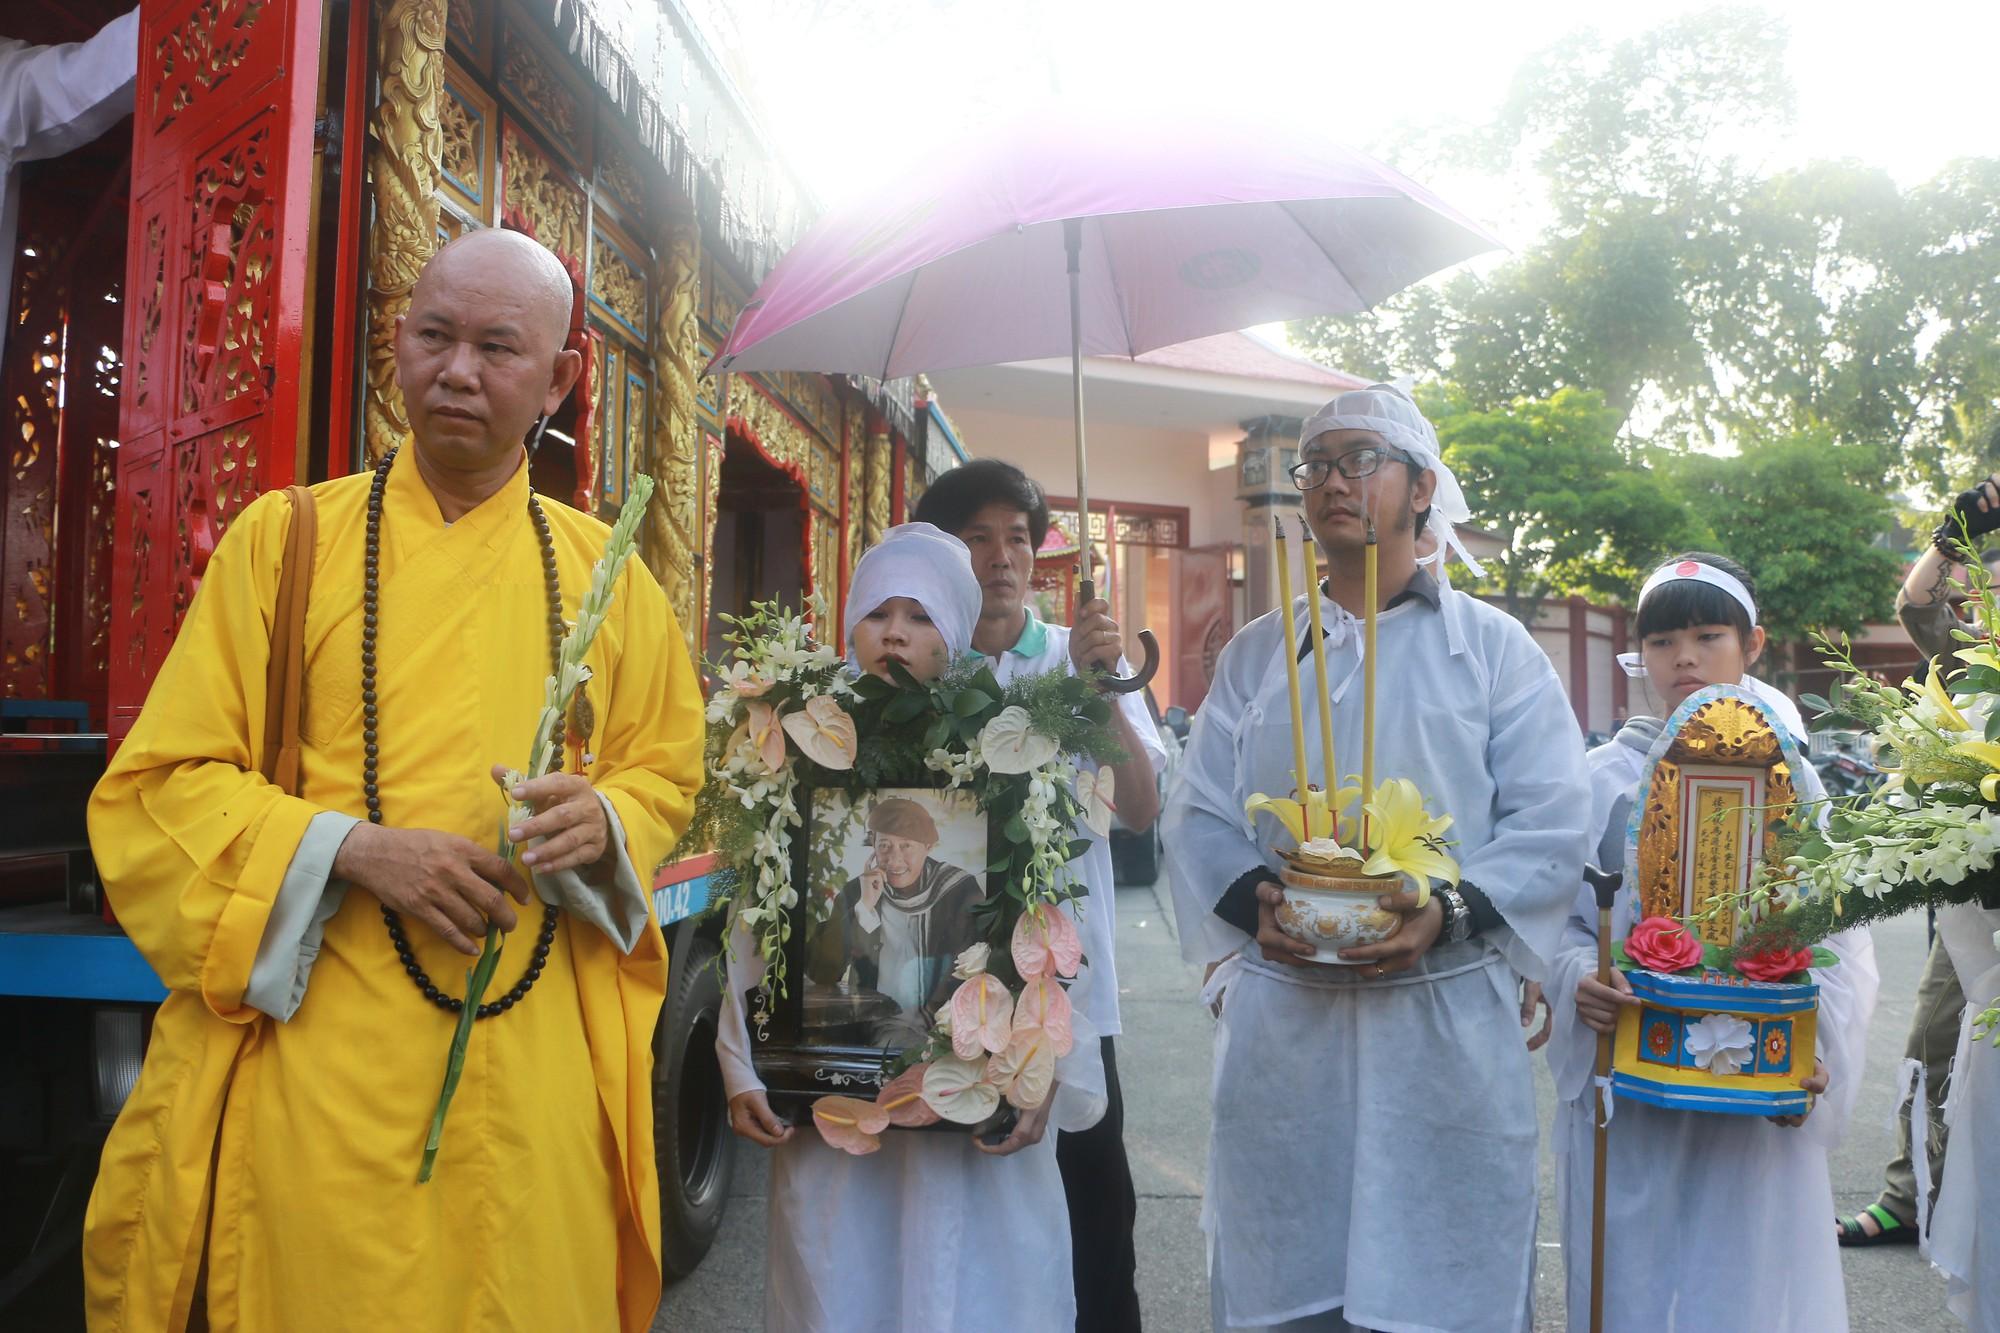 Con gái Lê Bình suy sụp, thất thần trong lễ động quan đưa thi hài cha về nơi an nghỉ - Ảnh 18.